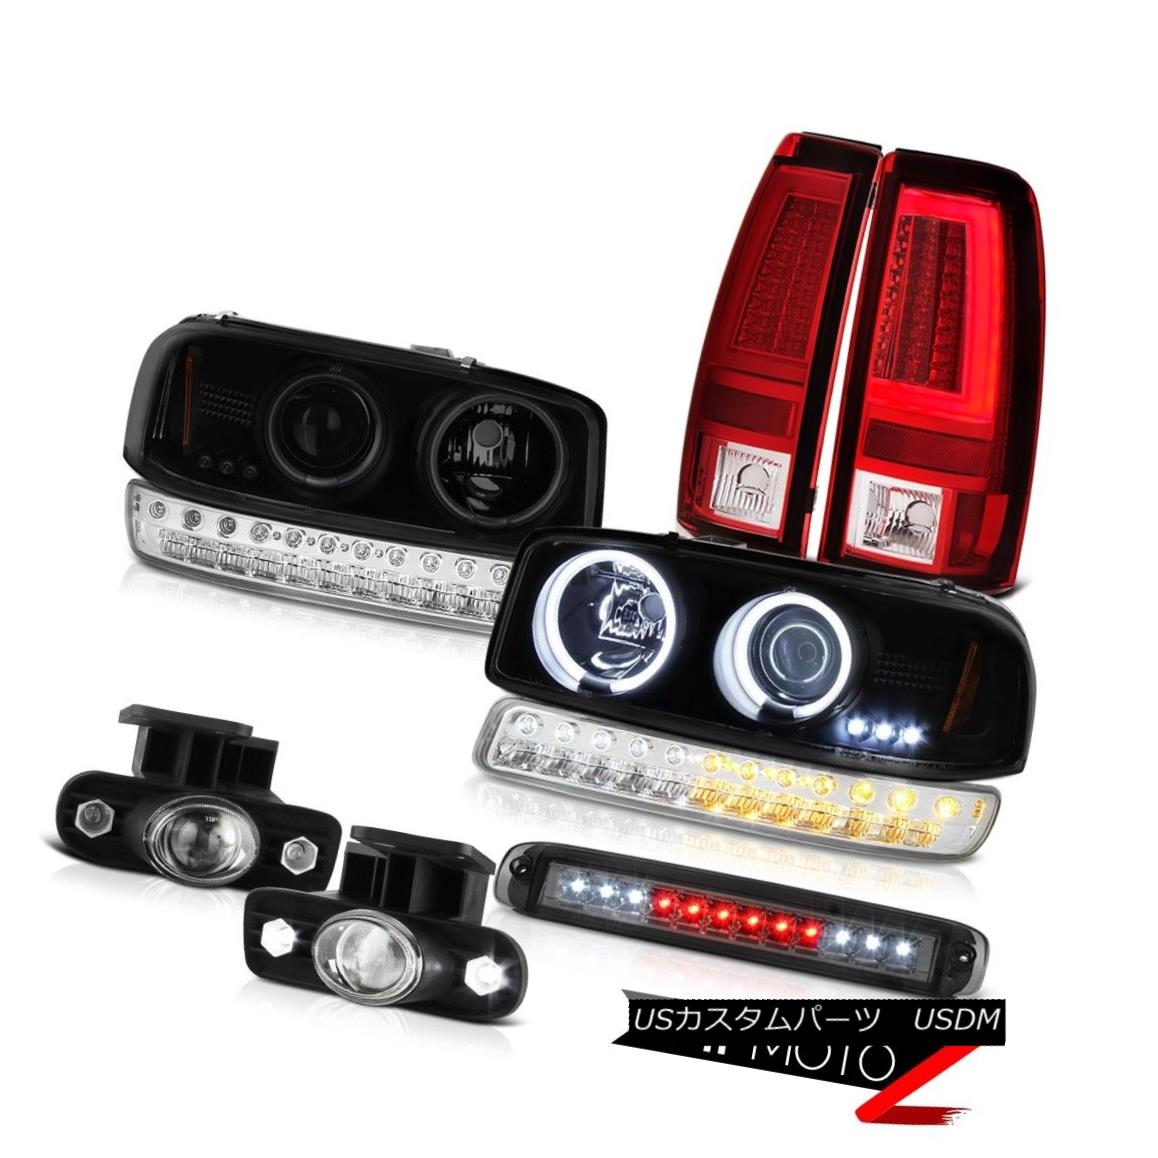 ヘッドライト 1999-2002 Sierra 5.3L Tail Lamps Roof Cab Lamp Foglights Bumper CCFL Headlights 1999-2002シエラ5.3LテールランプルーフキャブランプフォグライトバンパーCCFLヘッドライト